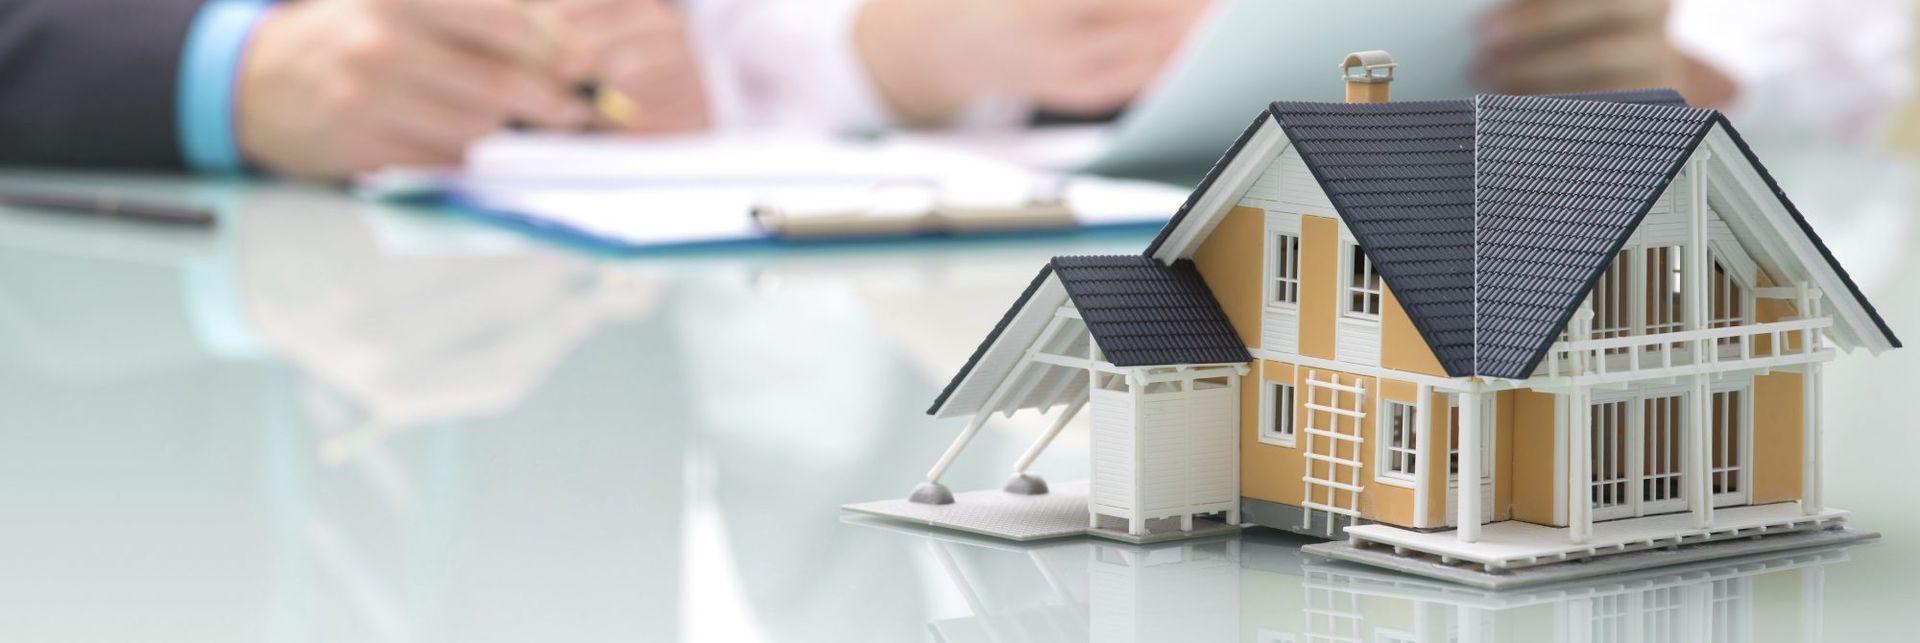 Team Hensley Real Estate